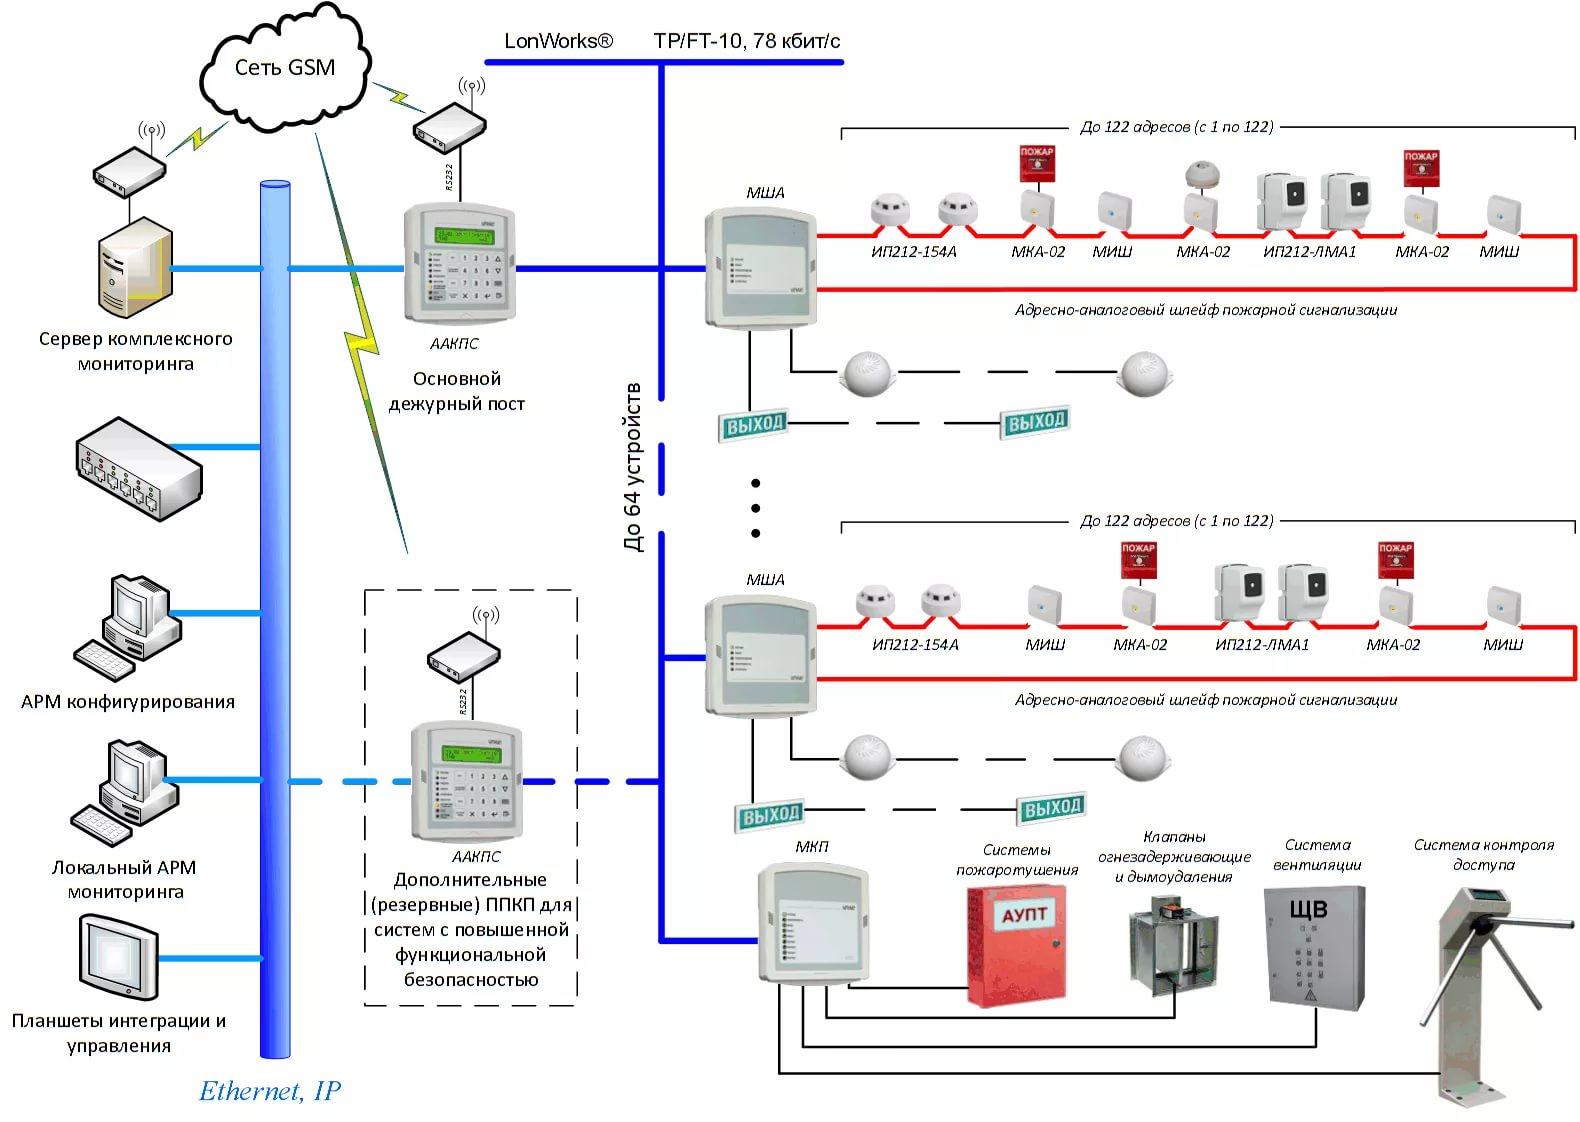 Виды систем охранно-пожарной сигнализации